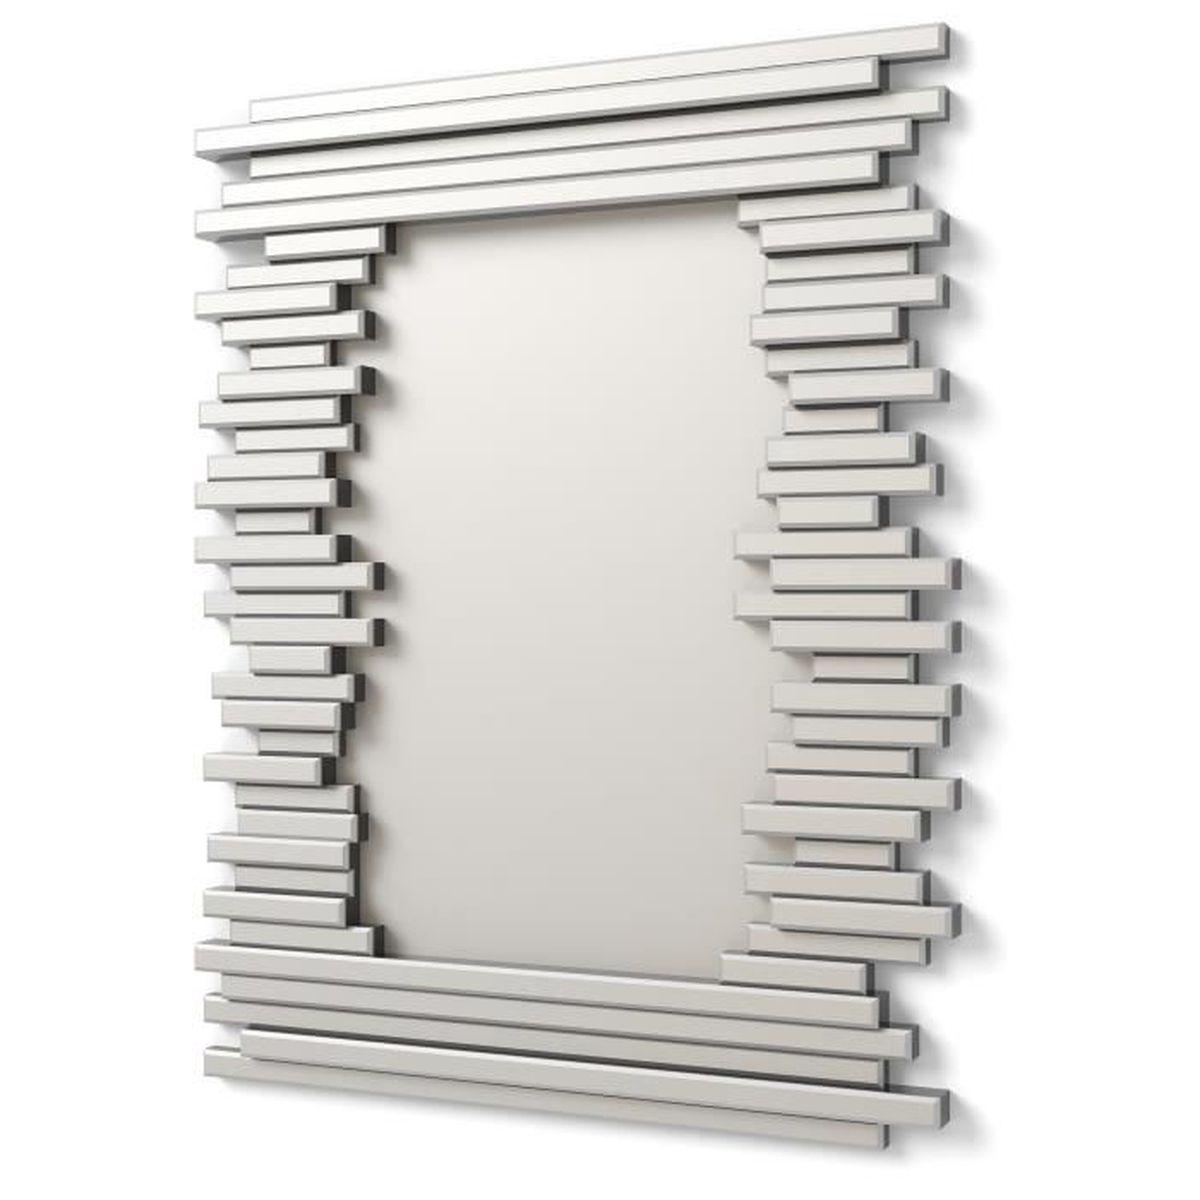 miroir mur design moderne 90x70cm e033 Résultat Supérieur 16 Incroyable Miroir Moderne Pic 2017 Iqt4